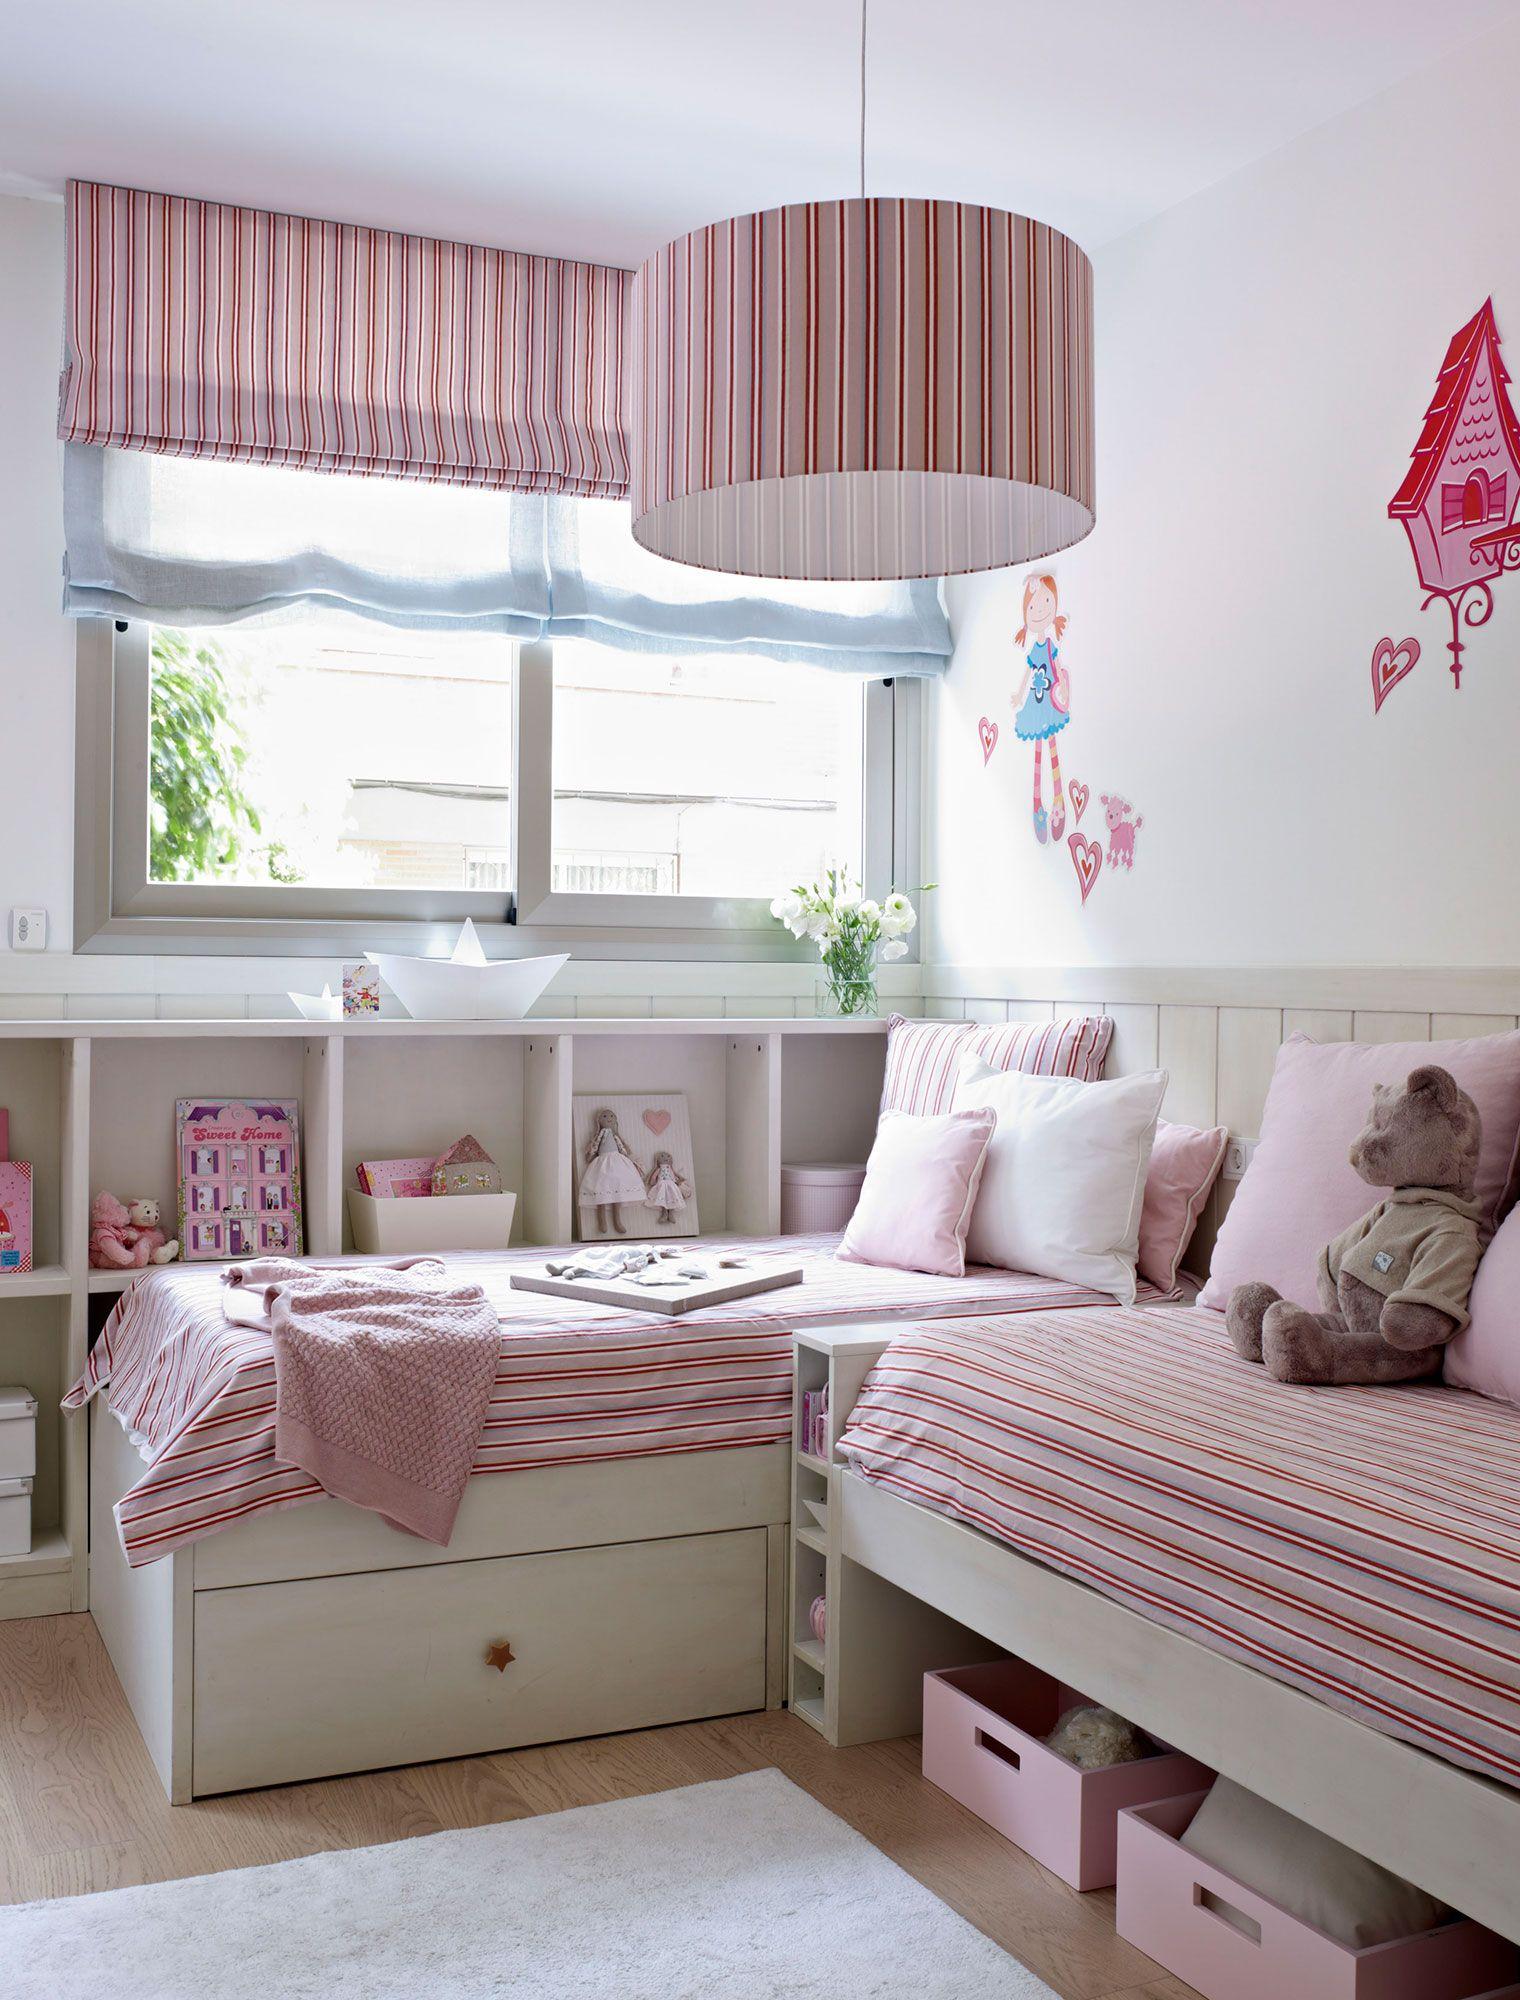 habitaci n infantil con dos camas y una librer a bajo la